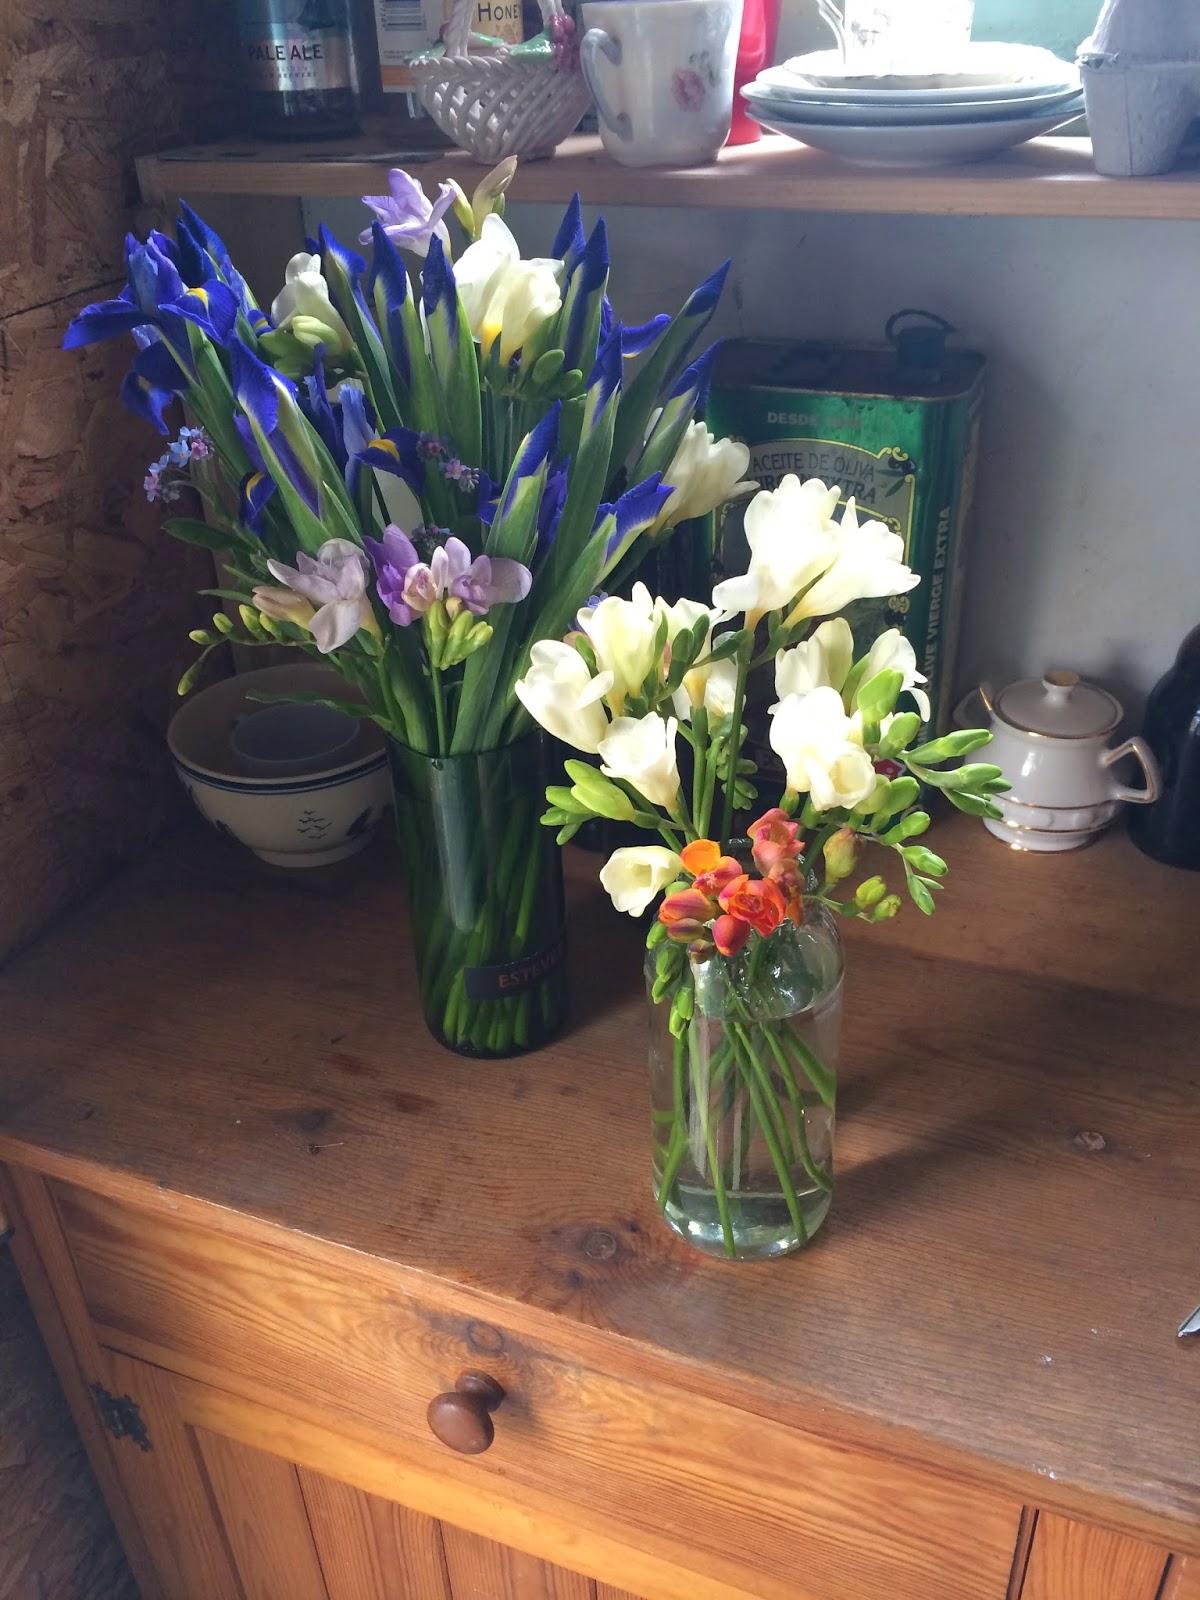 Tuckshop Flowers.